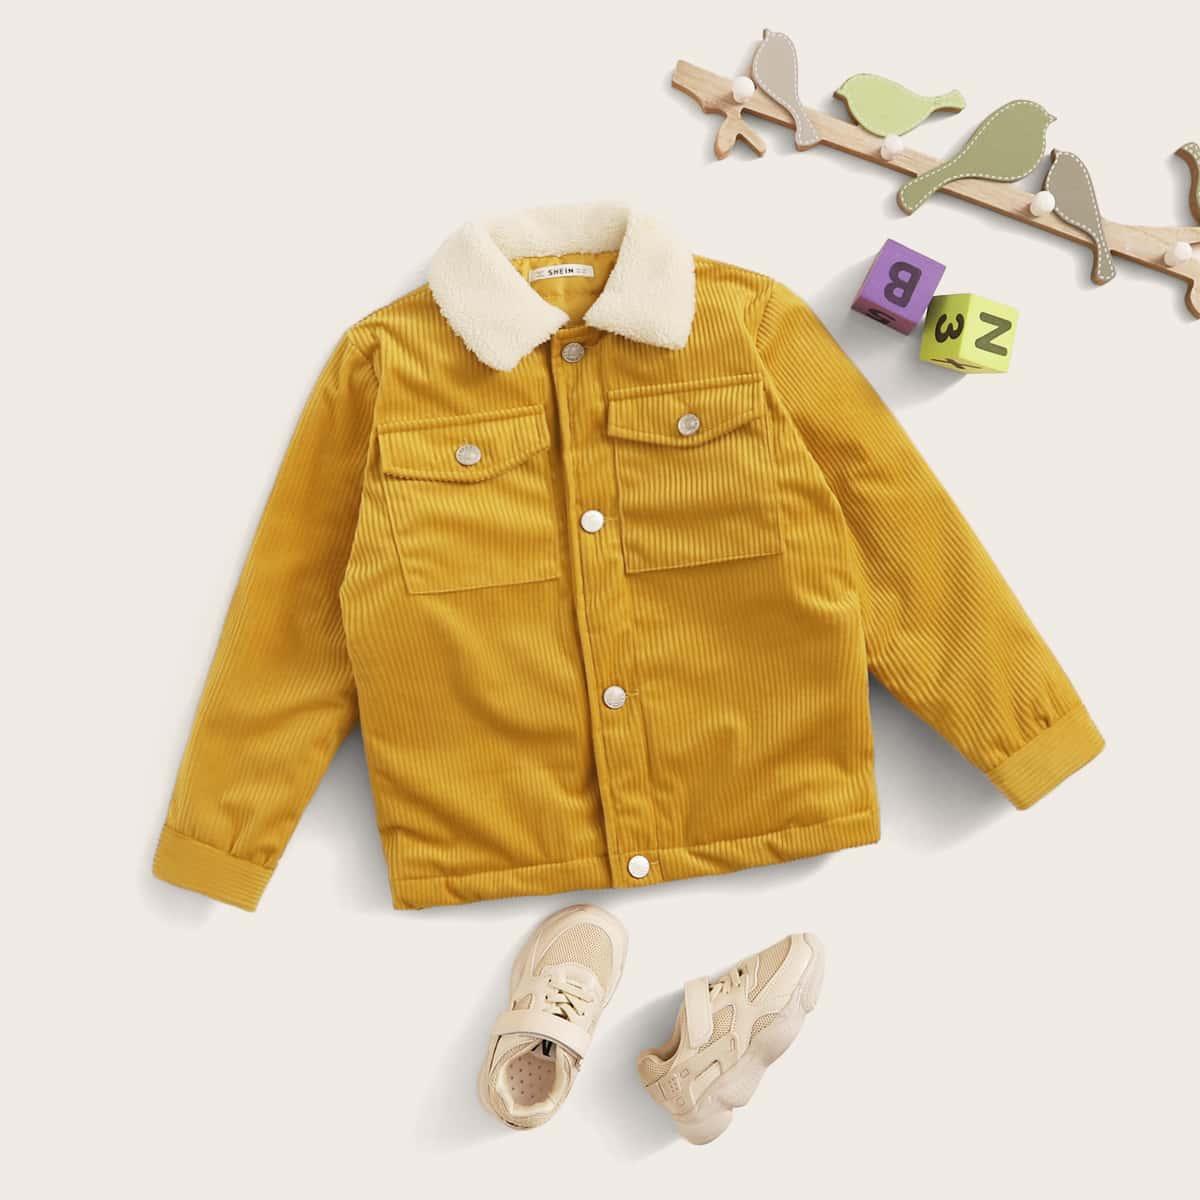 Вельветовая куртка с карманом и плюшевым вырезом для мальчиков от SHEIN